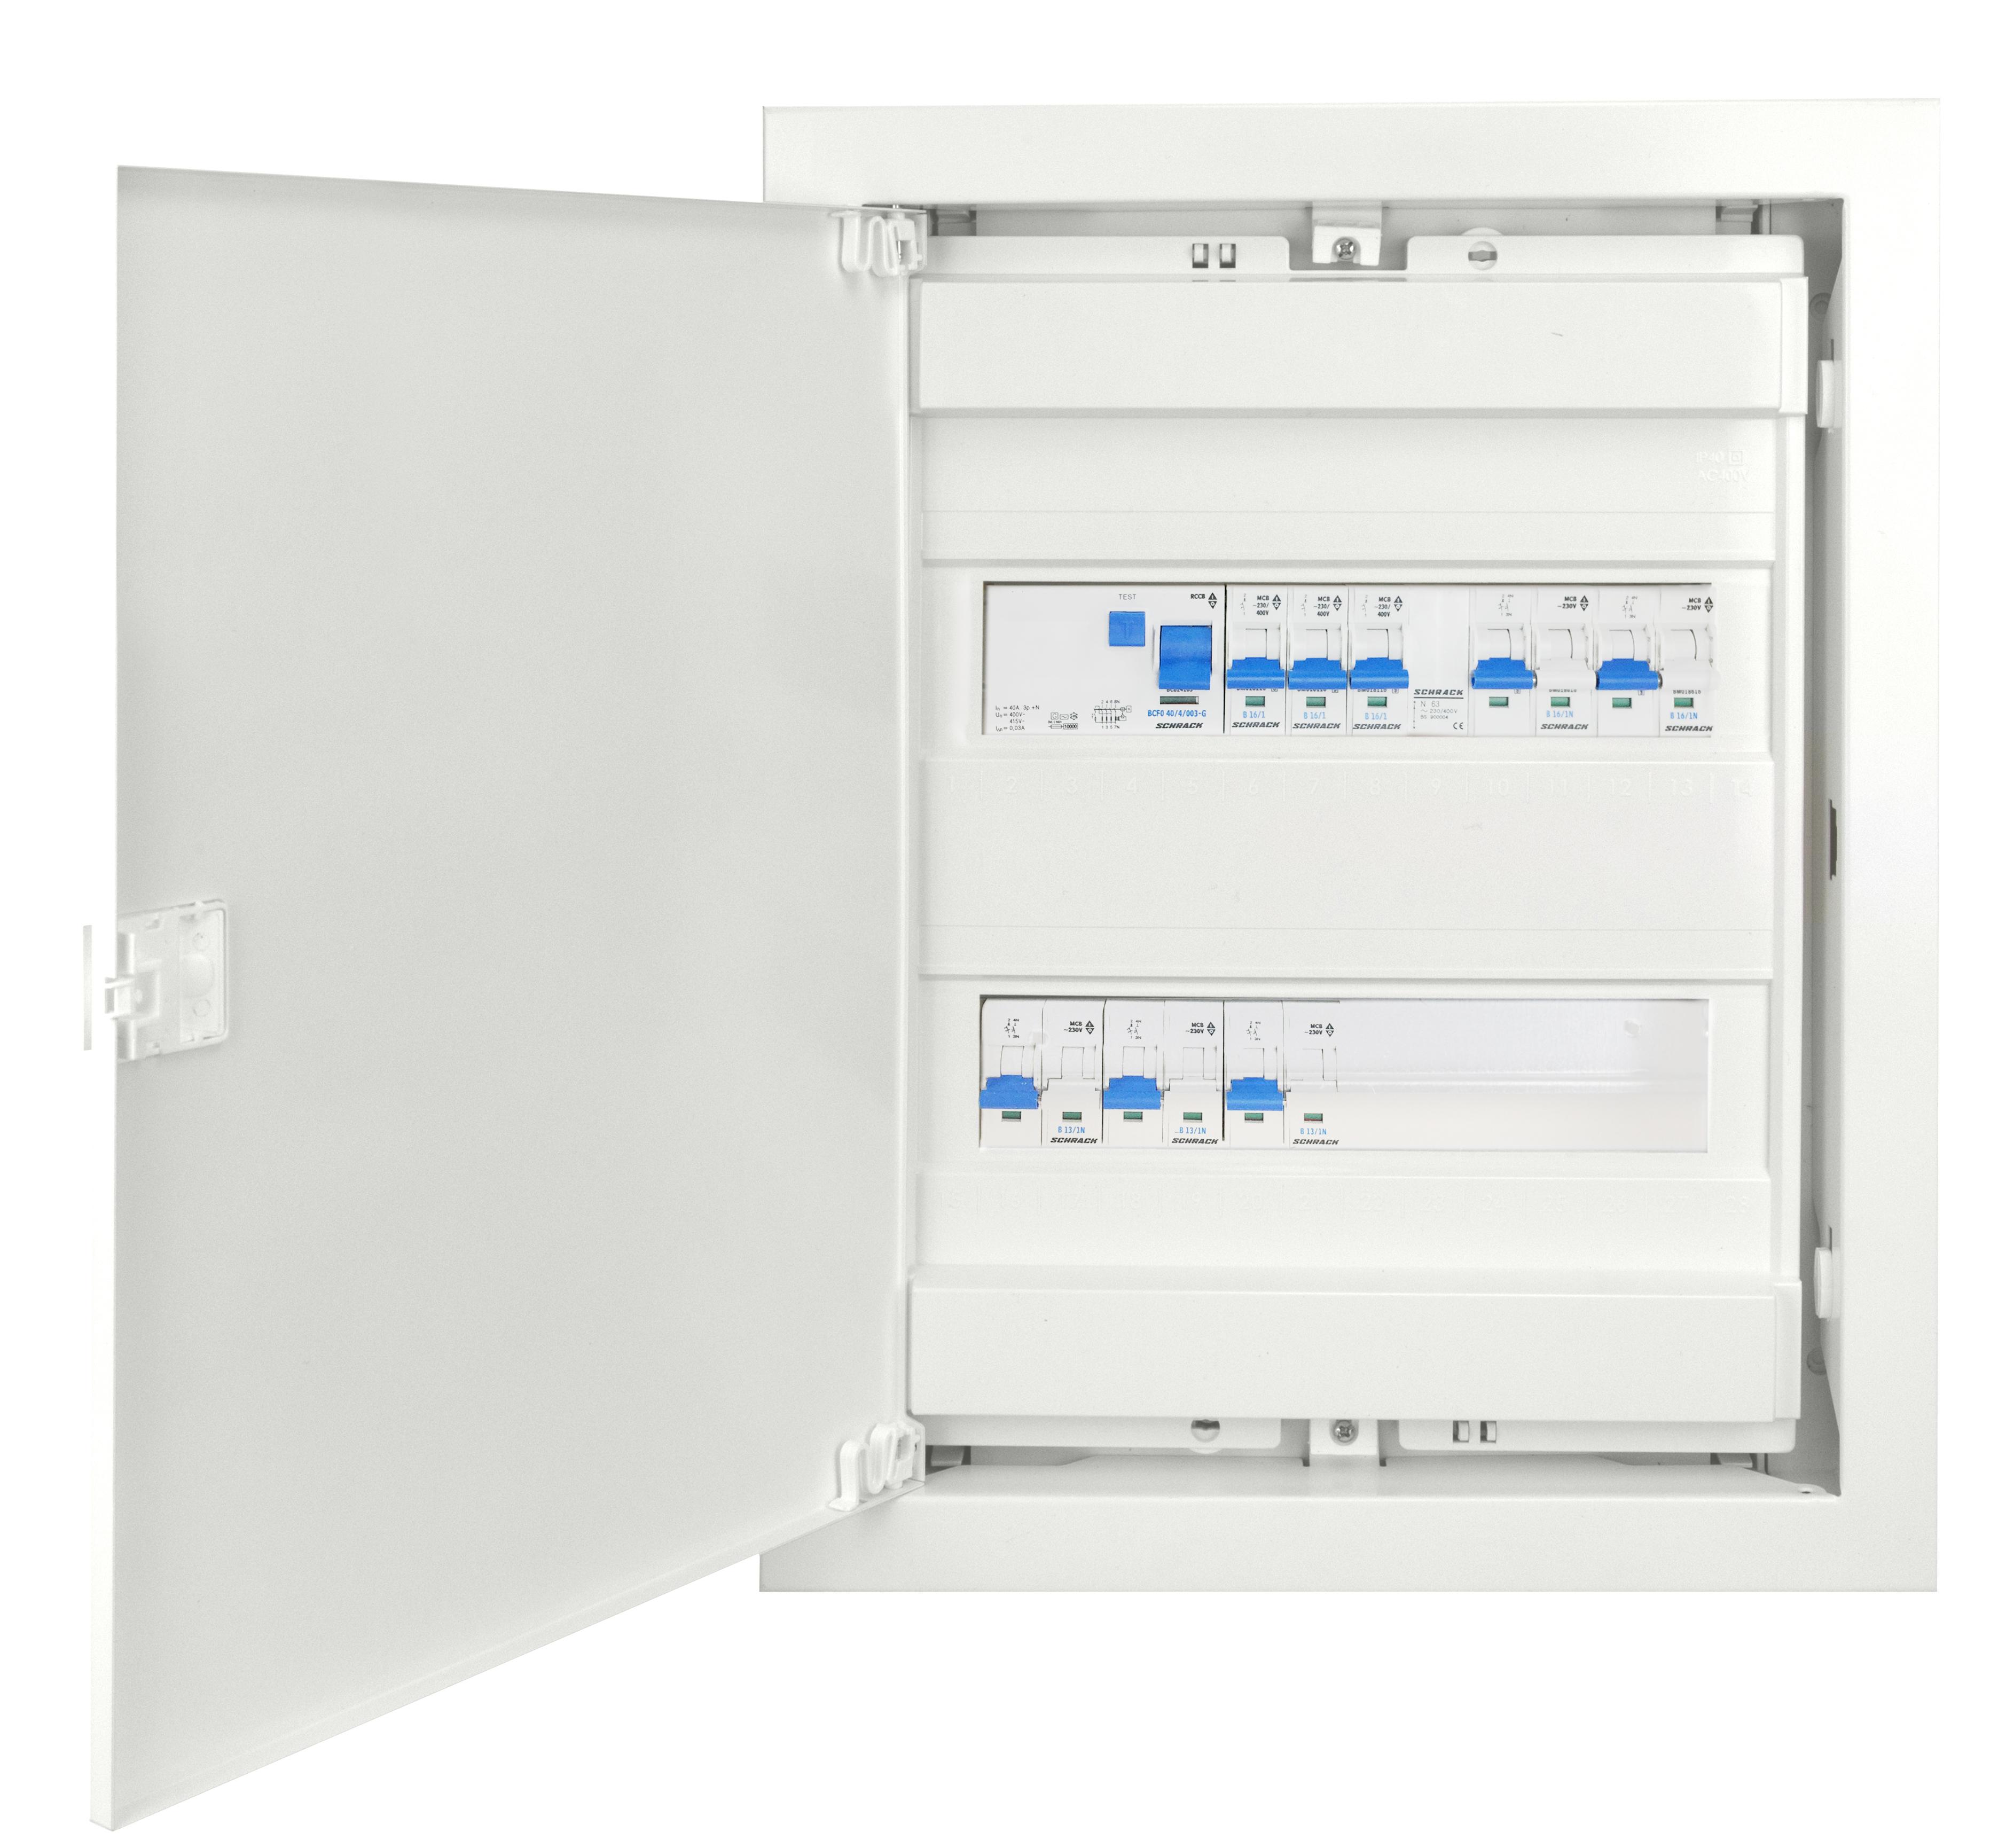 1 Stk UP-Wohnungsverteiler 2-reihig mit FI G, Typ AC BKUP400G--